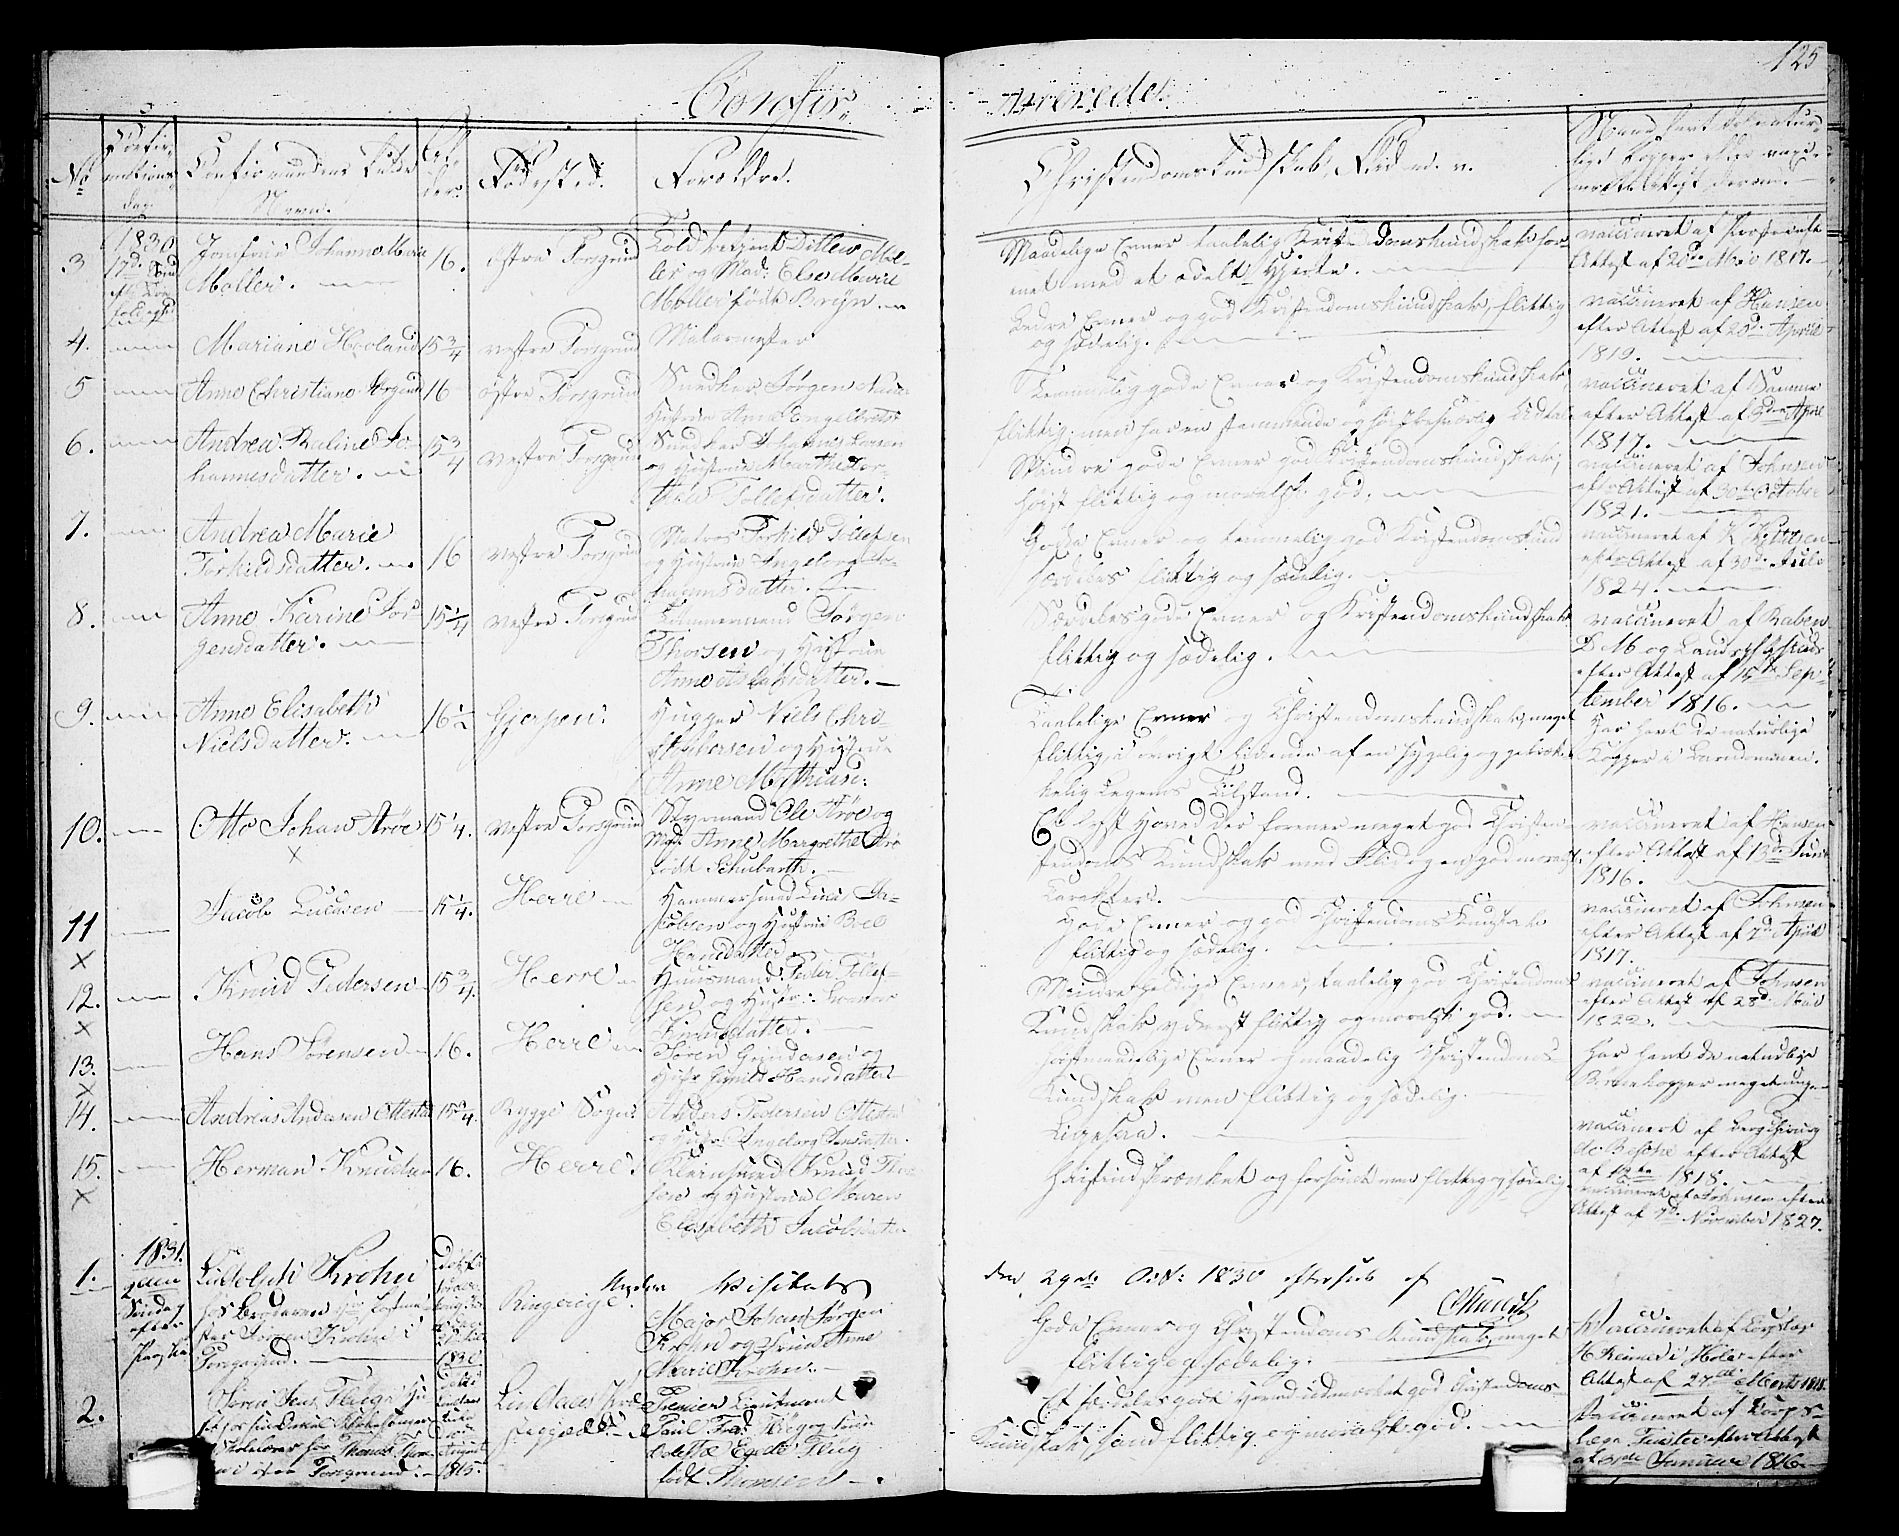 SAKO, Porsgrunn kirkebøker , G/Gb/L0002: Klokkerbok nr. II 2, 1828-1841, s. 125